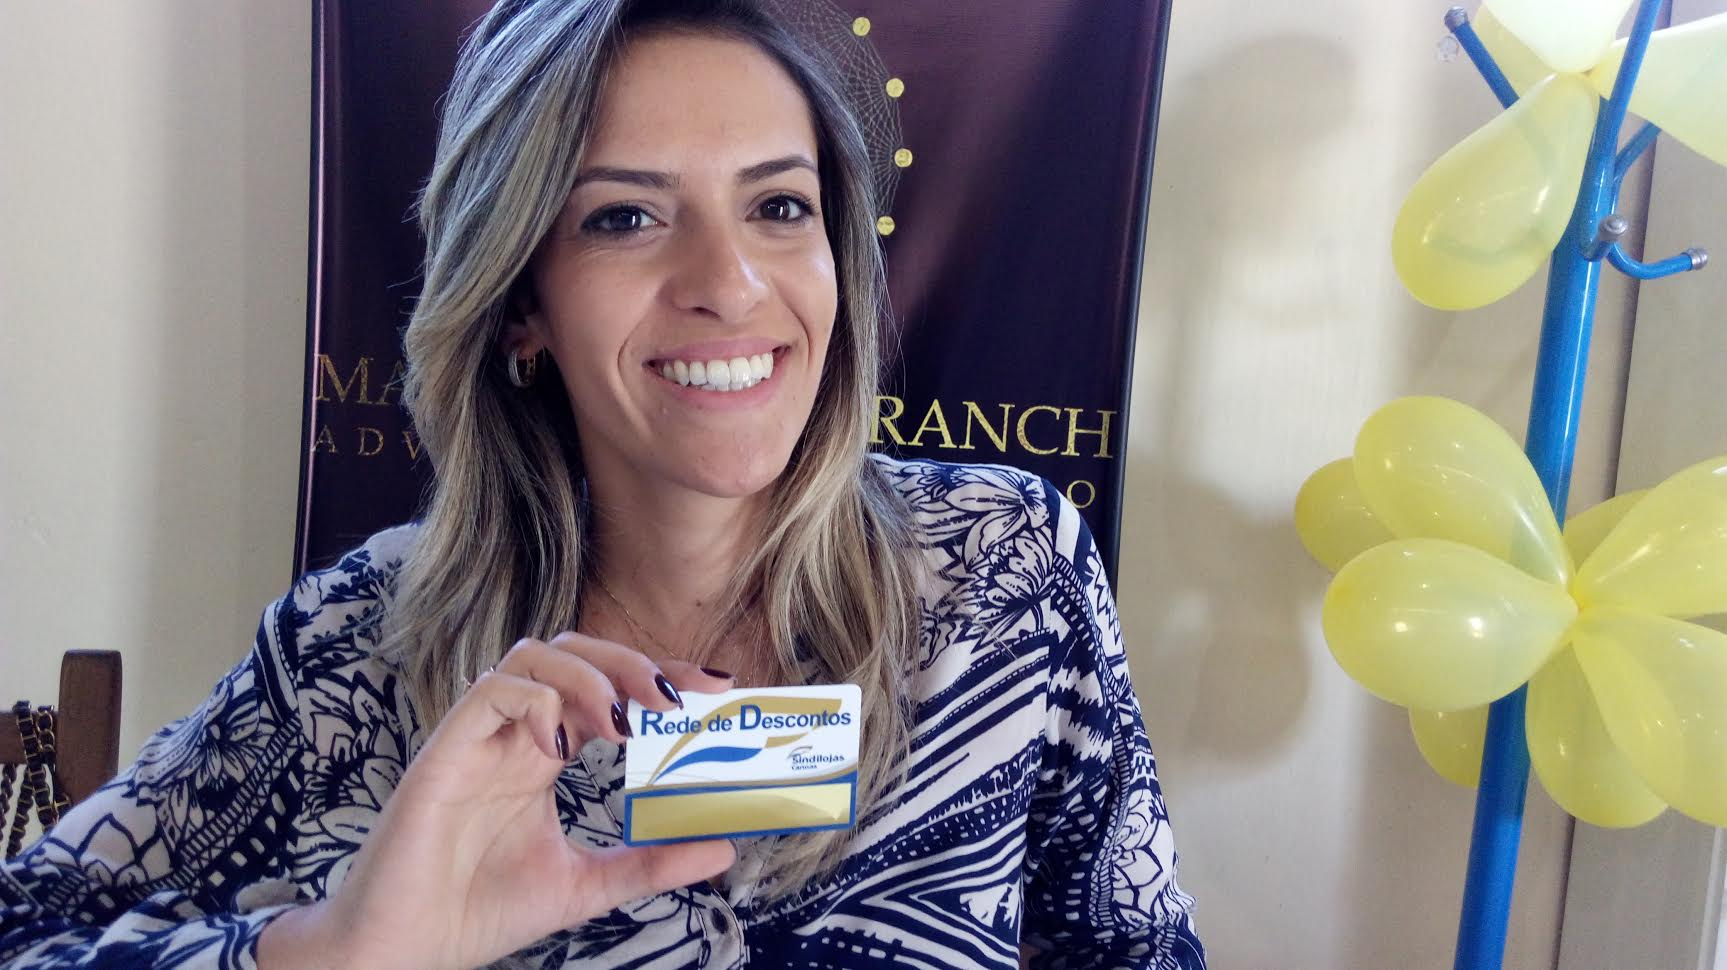 Montovani & Branchi marcou presença no evento da 1ª Edição Rede de Descontos